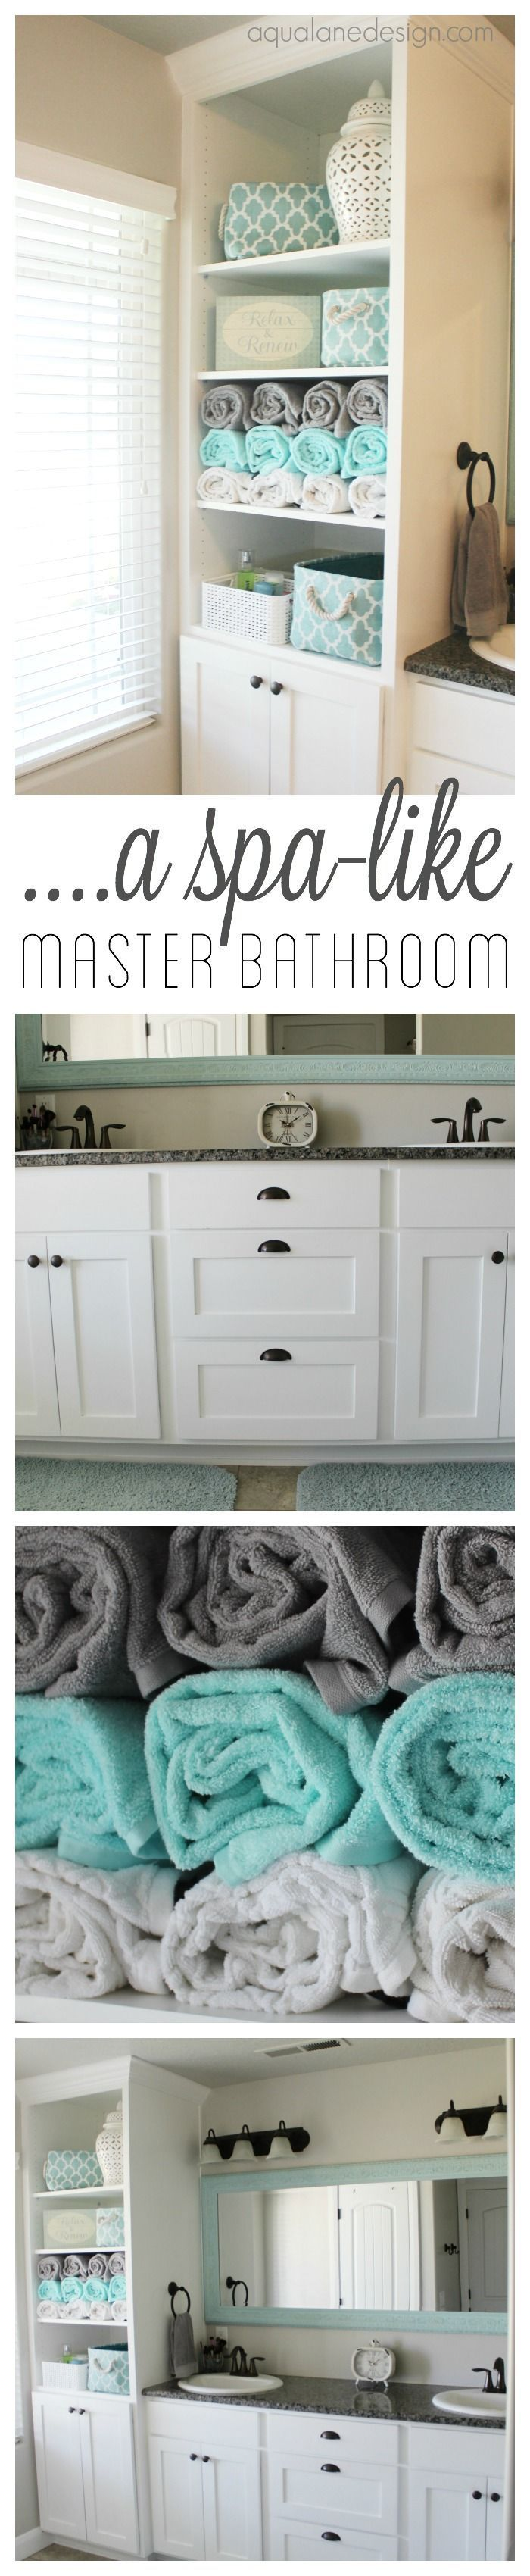 Bathroom Storage Ideas for a spa-like bathroom